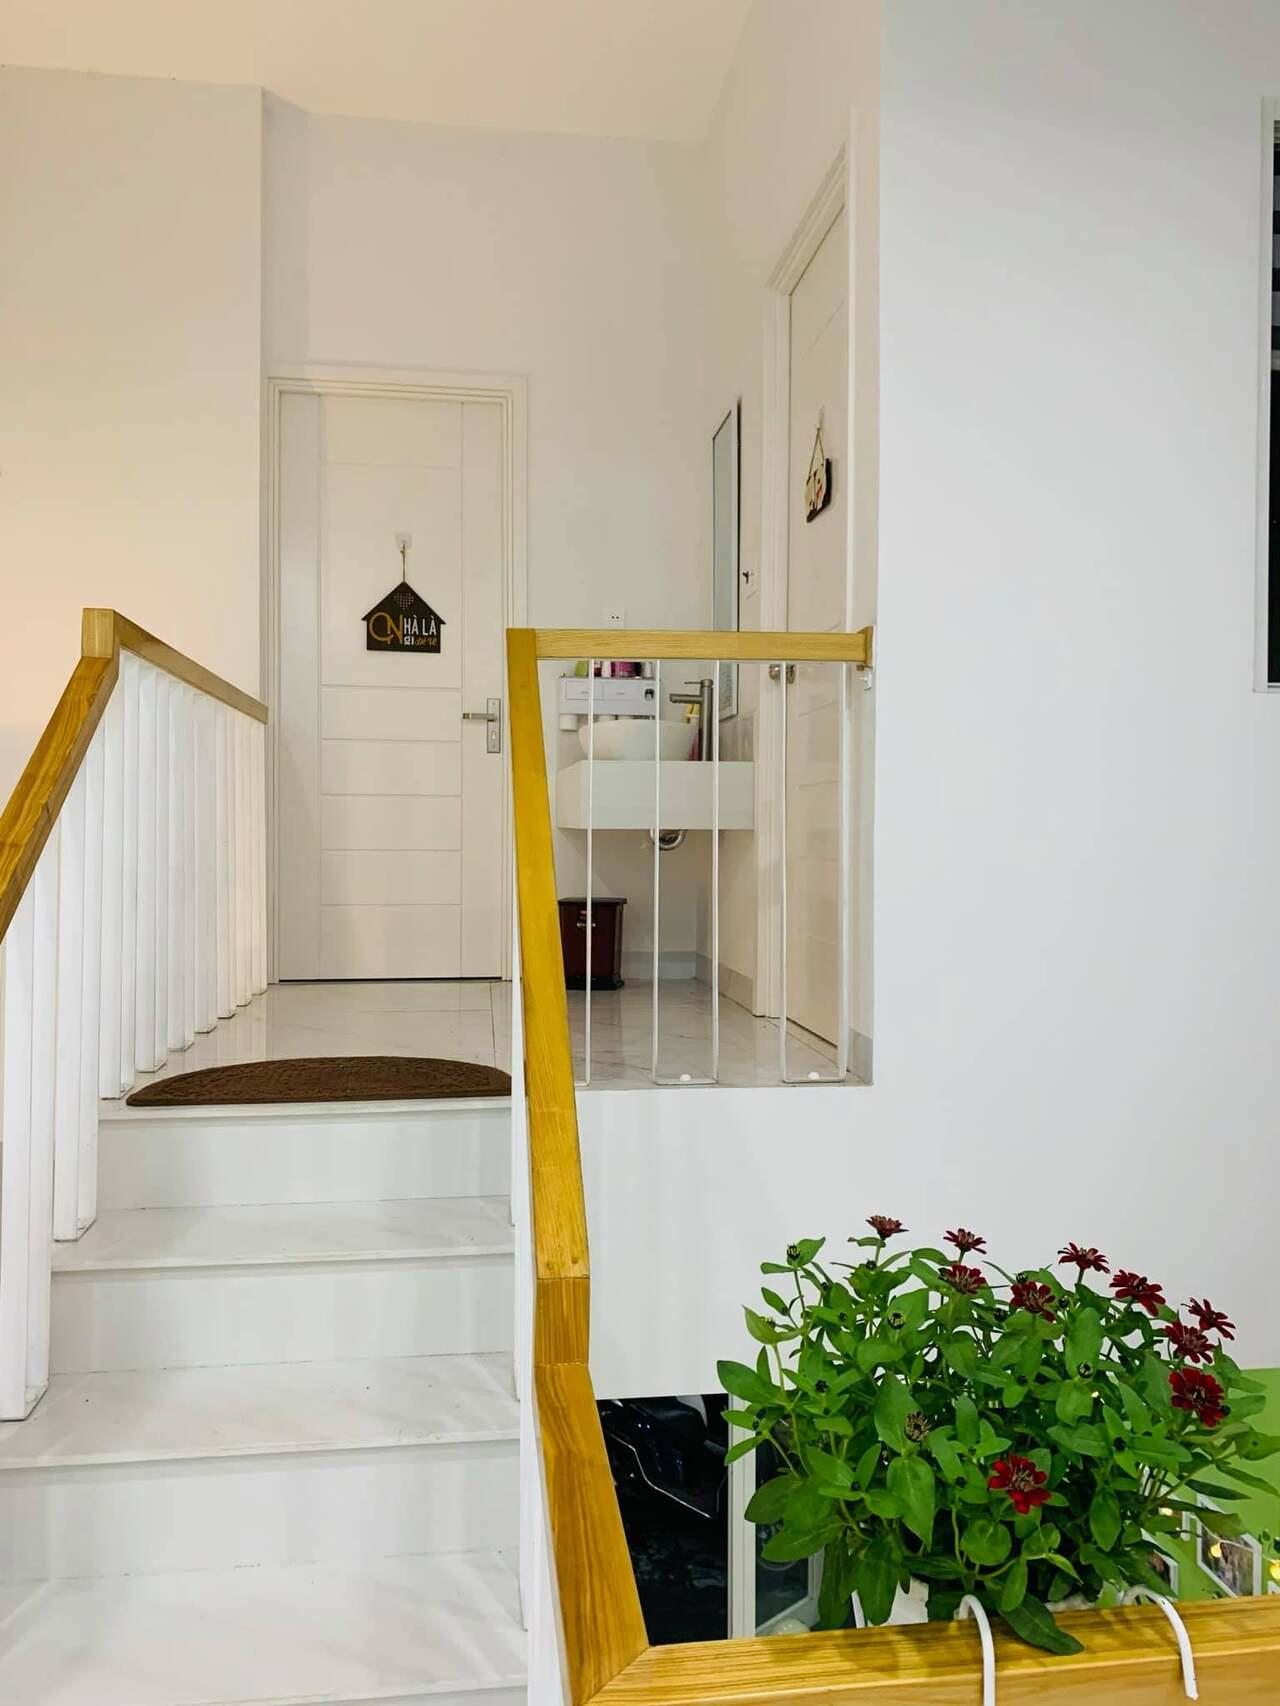 Cầu thang lên phòng ngủ tầng 2